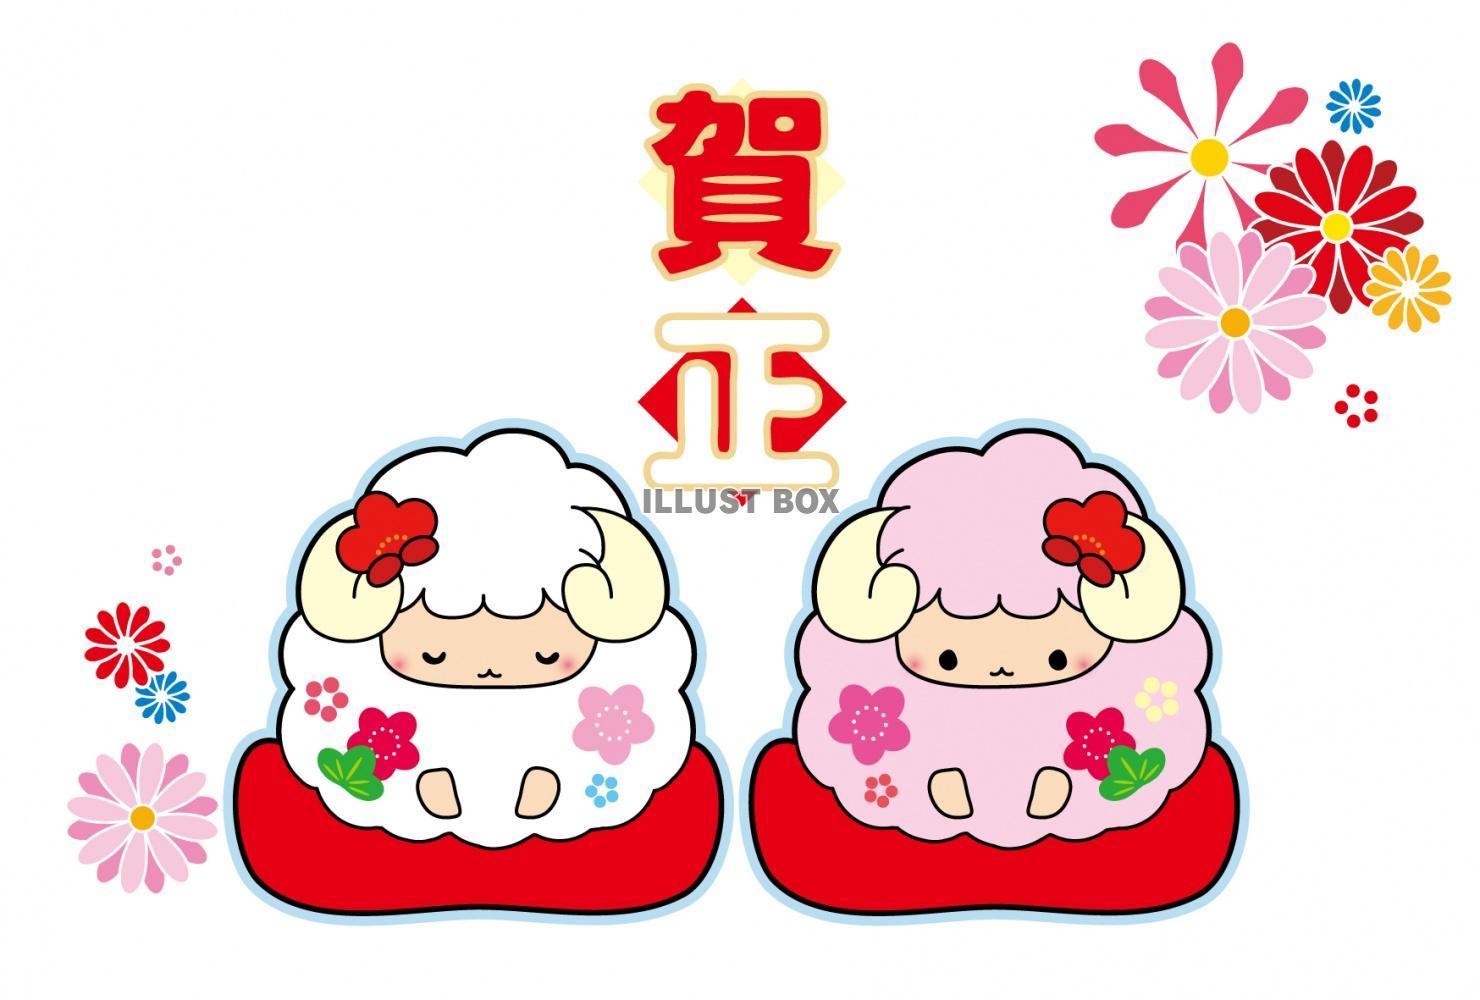 無料イラスト 桃色白色の可愛い羊さんご挨拶イラスト2015年年賀状素材